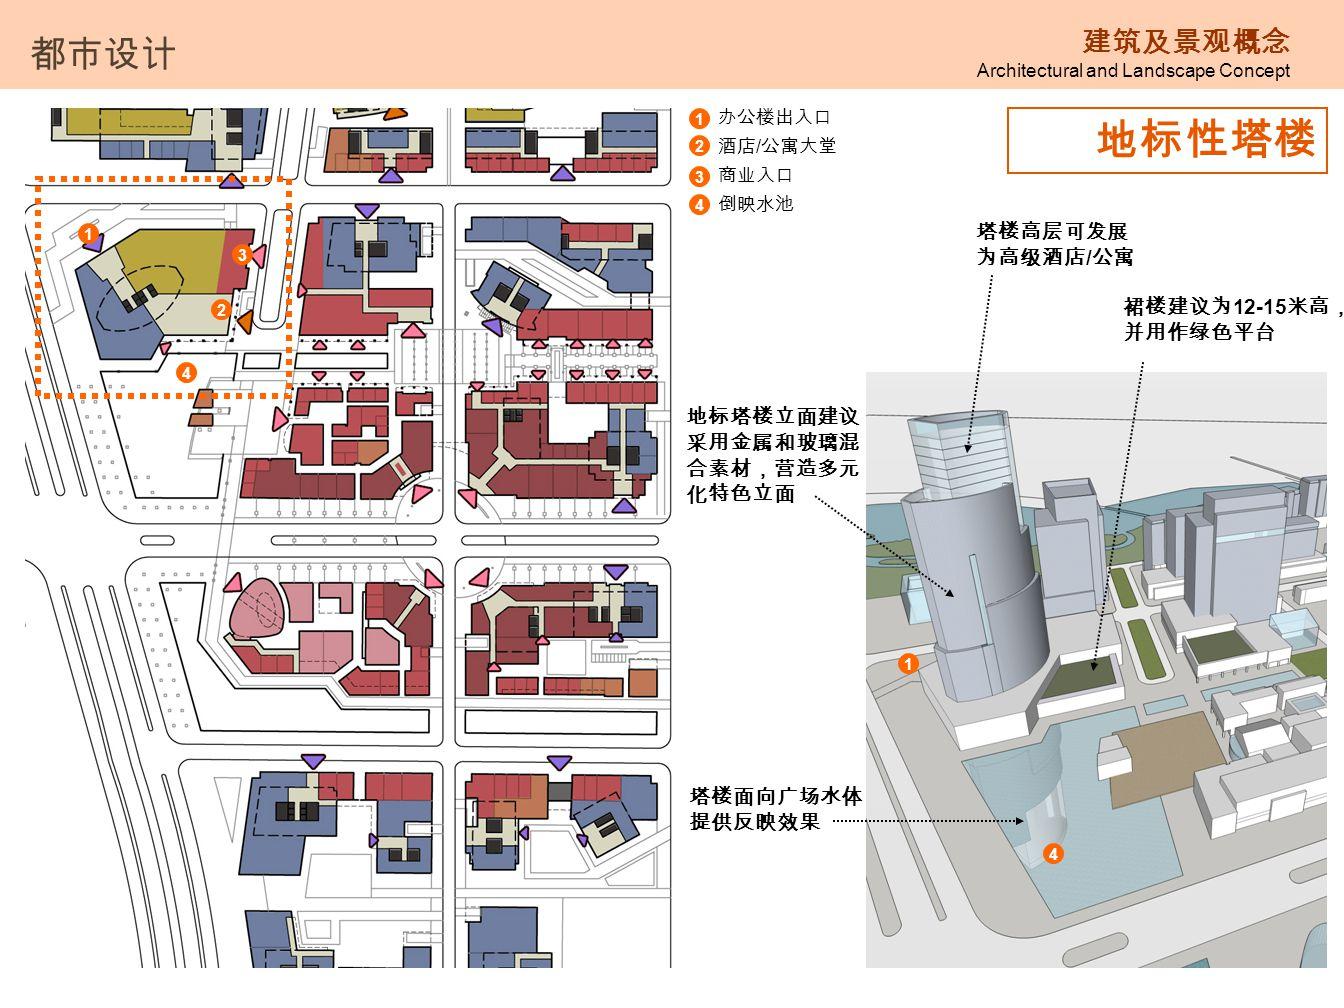 地标性塔楼 都市设计 建筑及景观概念 塔楼高层可发展 为高级酒店/公寓 裙楼建议为12-15米高, 并用作绿色平台